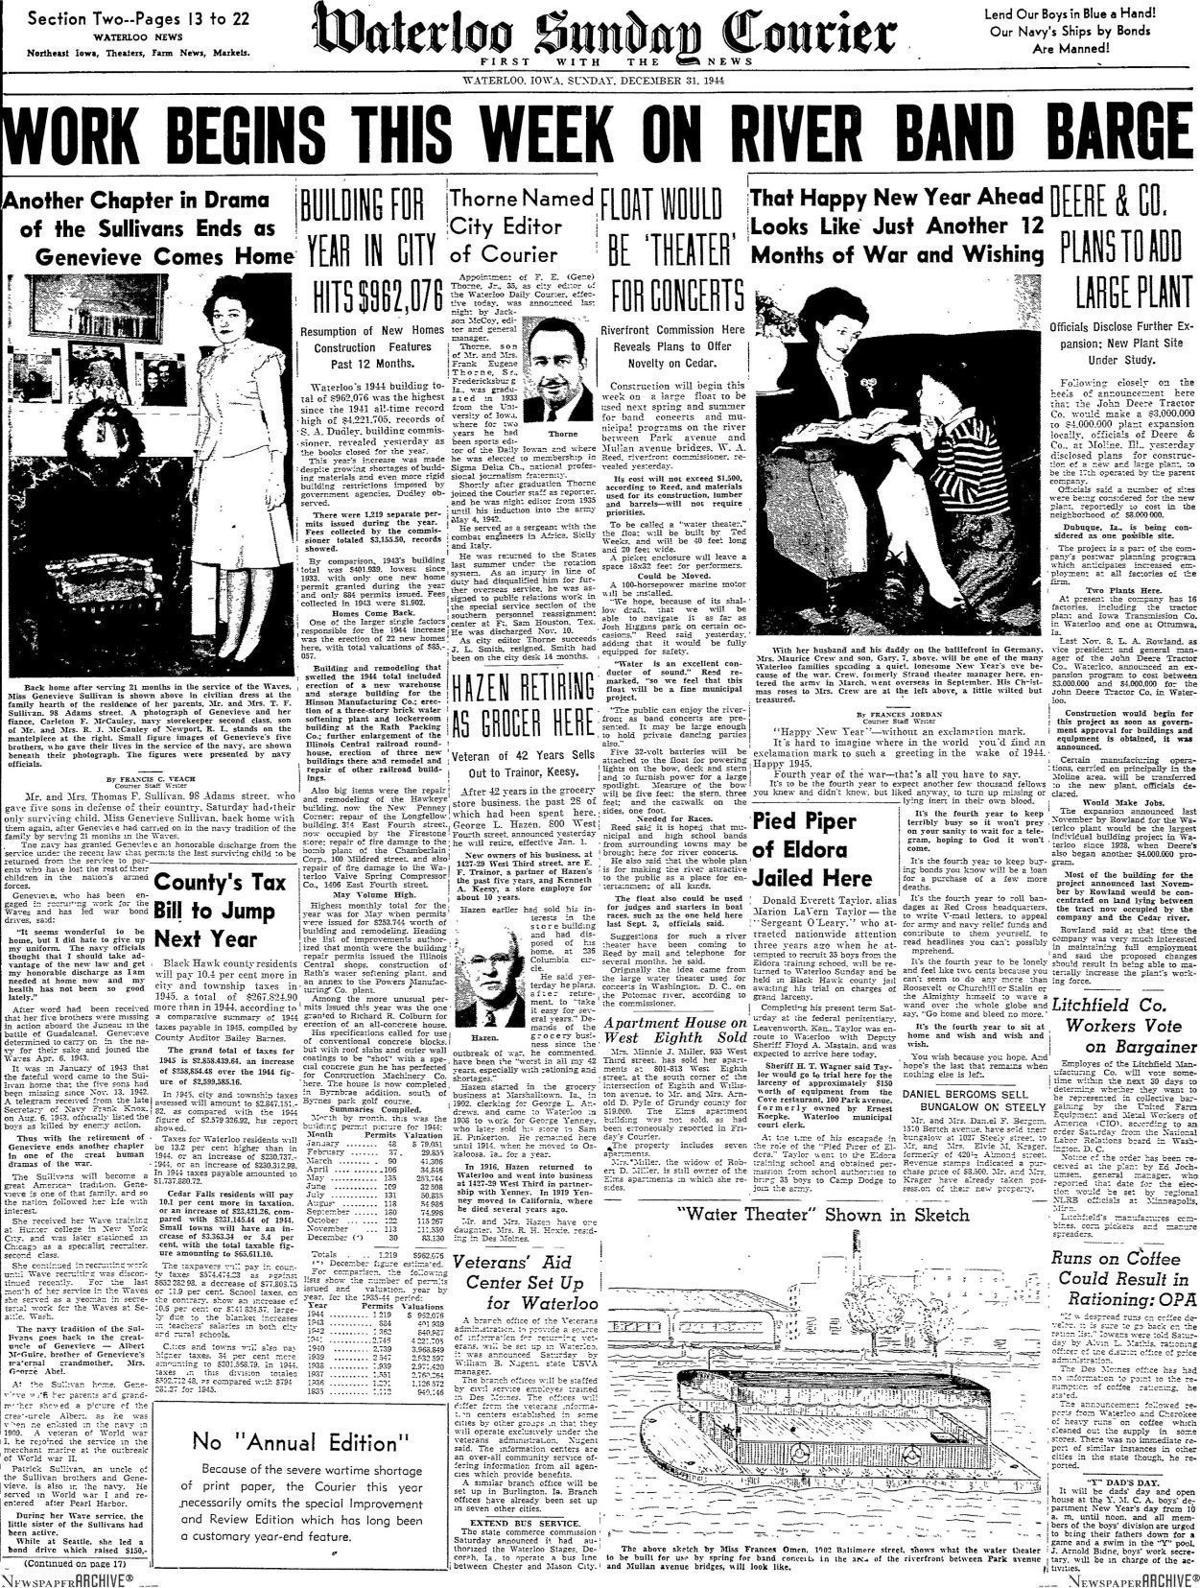 Courier Dec. 31, 1944